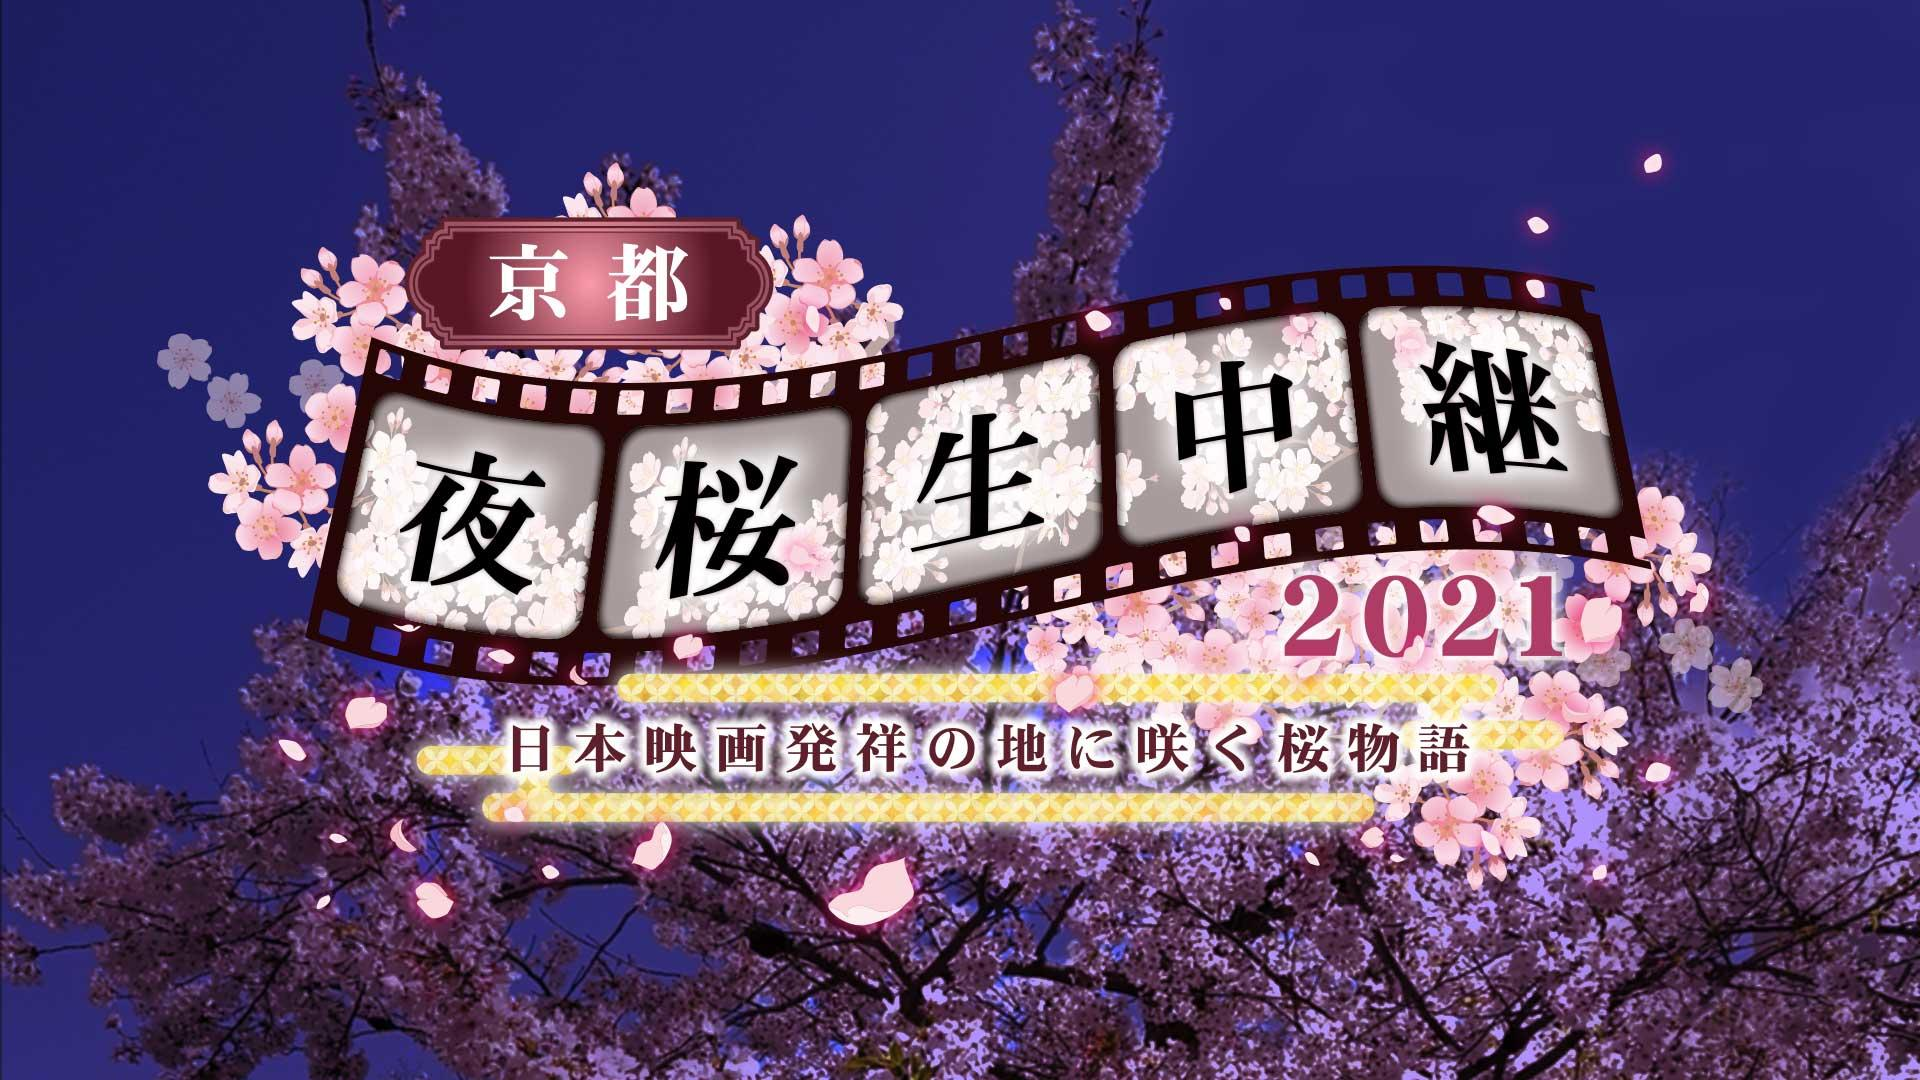 京都夜桜生中継2021~日本映画発祥の地に咲く桜物語~